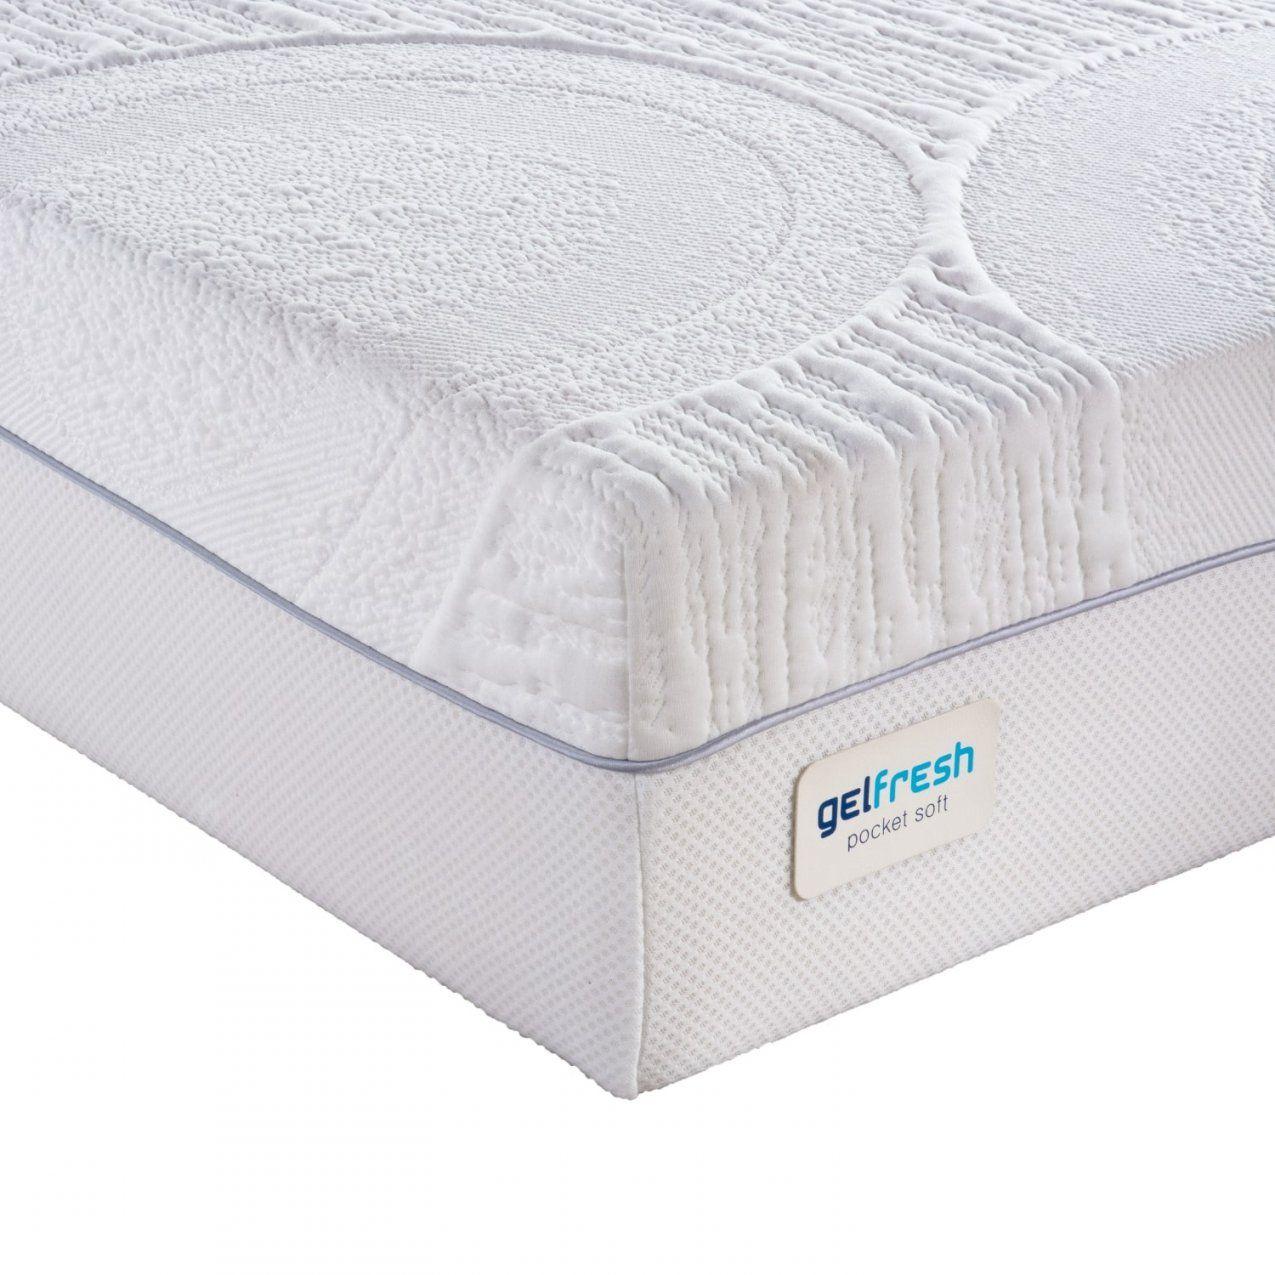 Körpergerechte Betten Einzigartig In Nürnberg  Bettenhaus von Matratzen Concord Fürth Bild